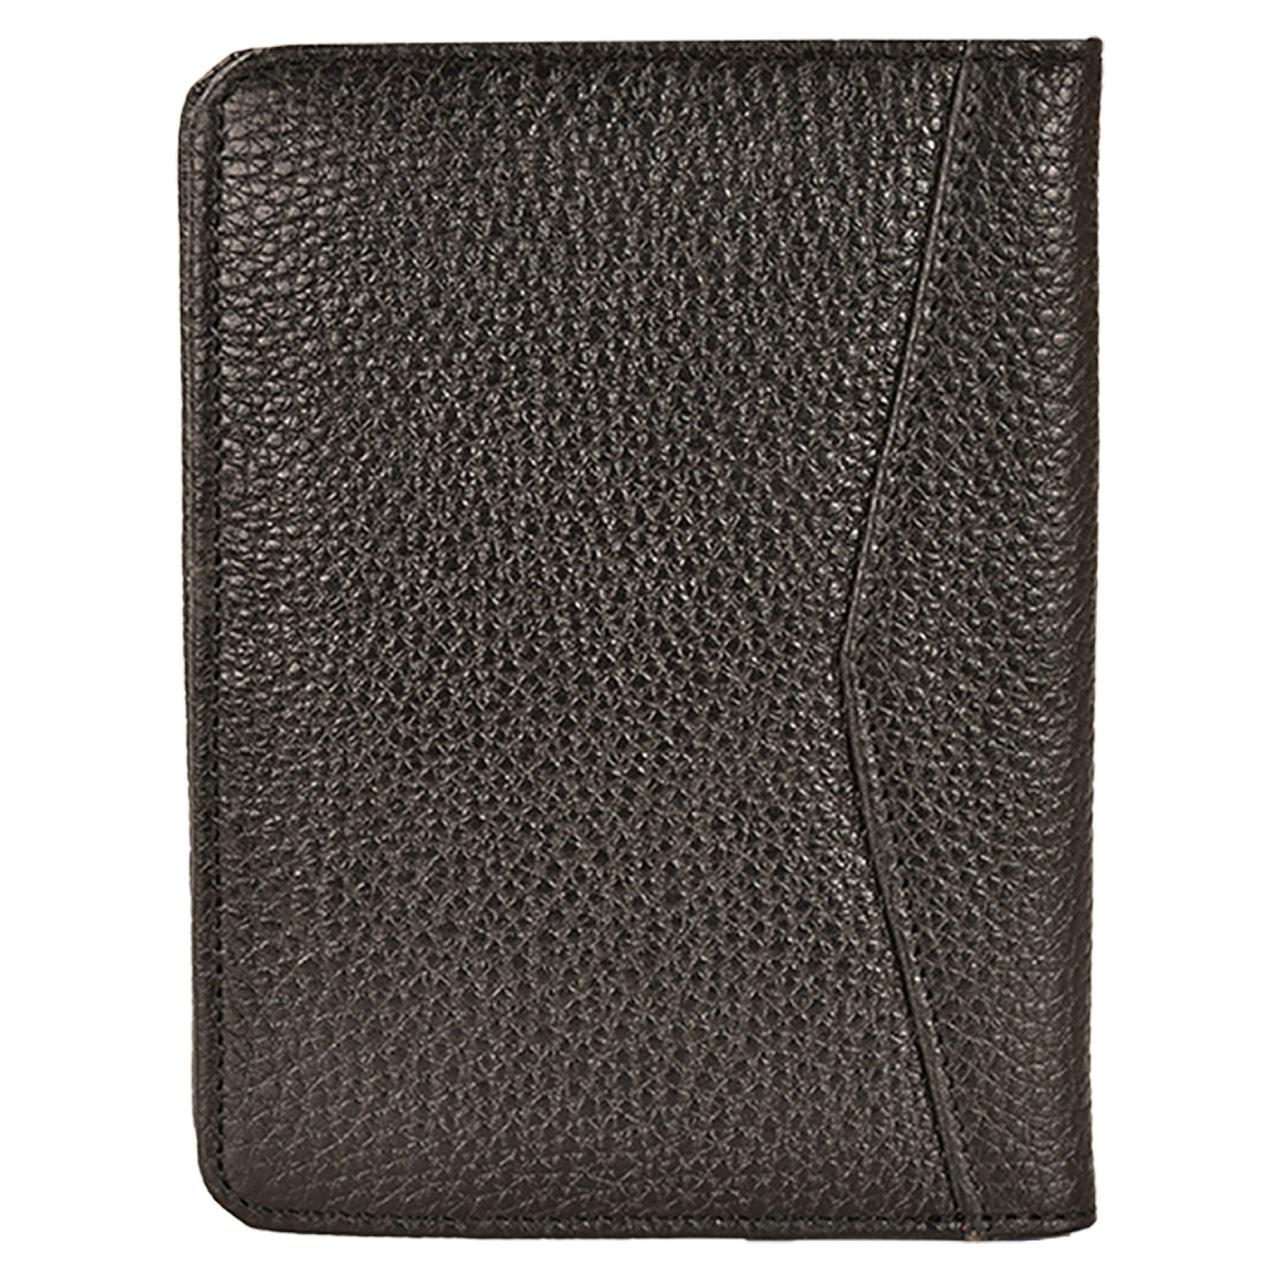 کیف پاسپورت و جلد مدارک کهن چرم مدل PS41